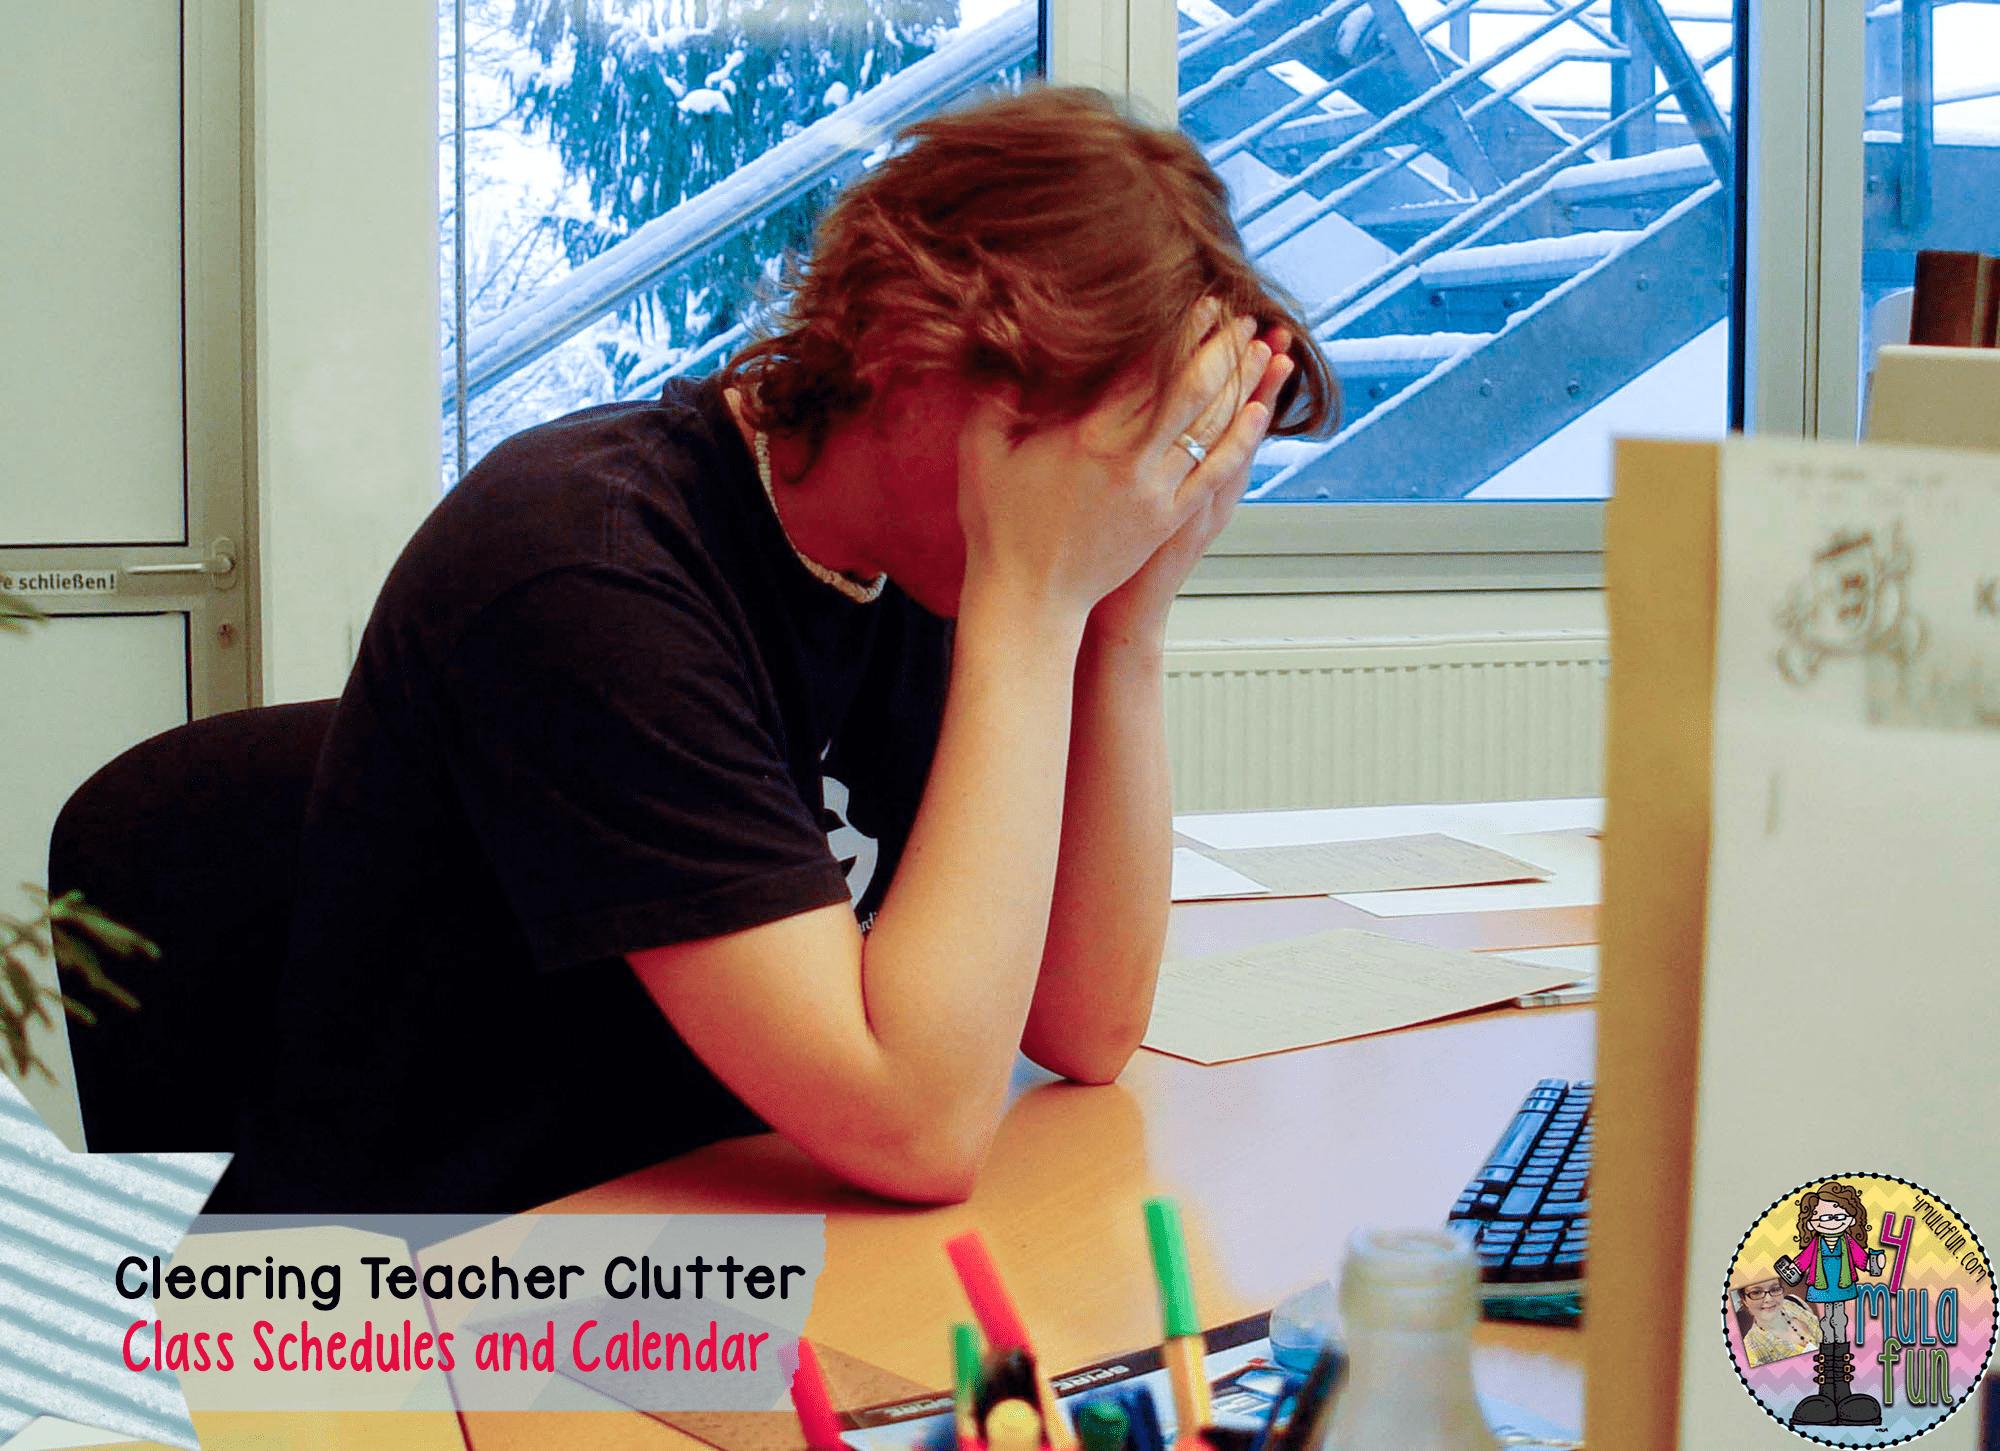 Clearing Teacher Clutter- Class Schedules and Calendar